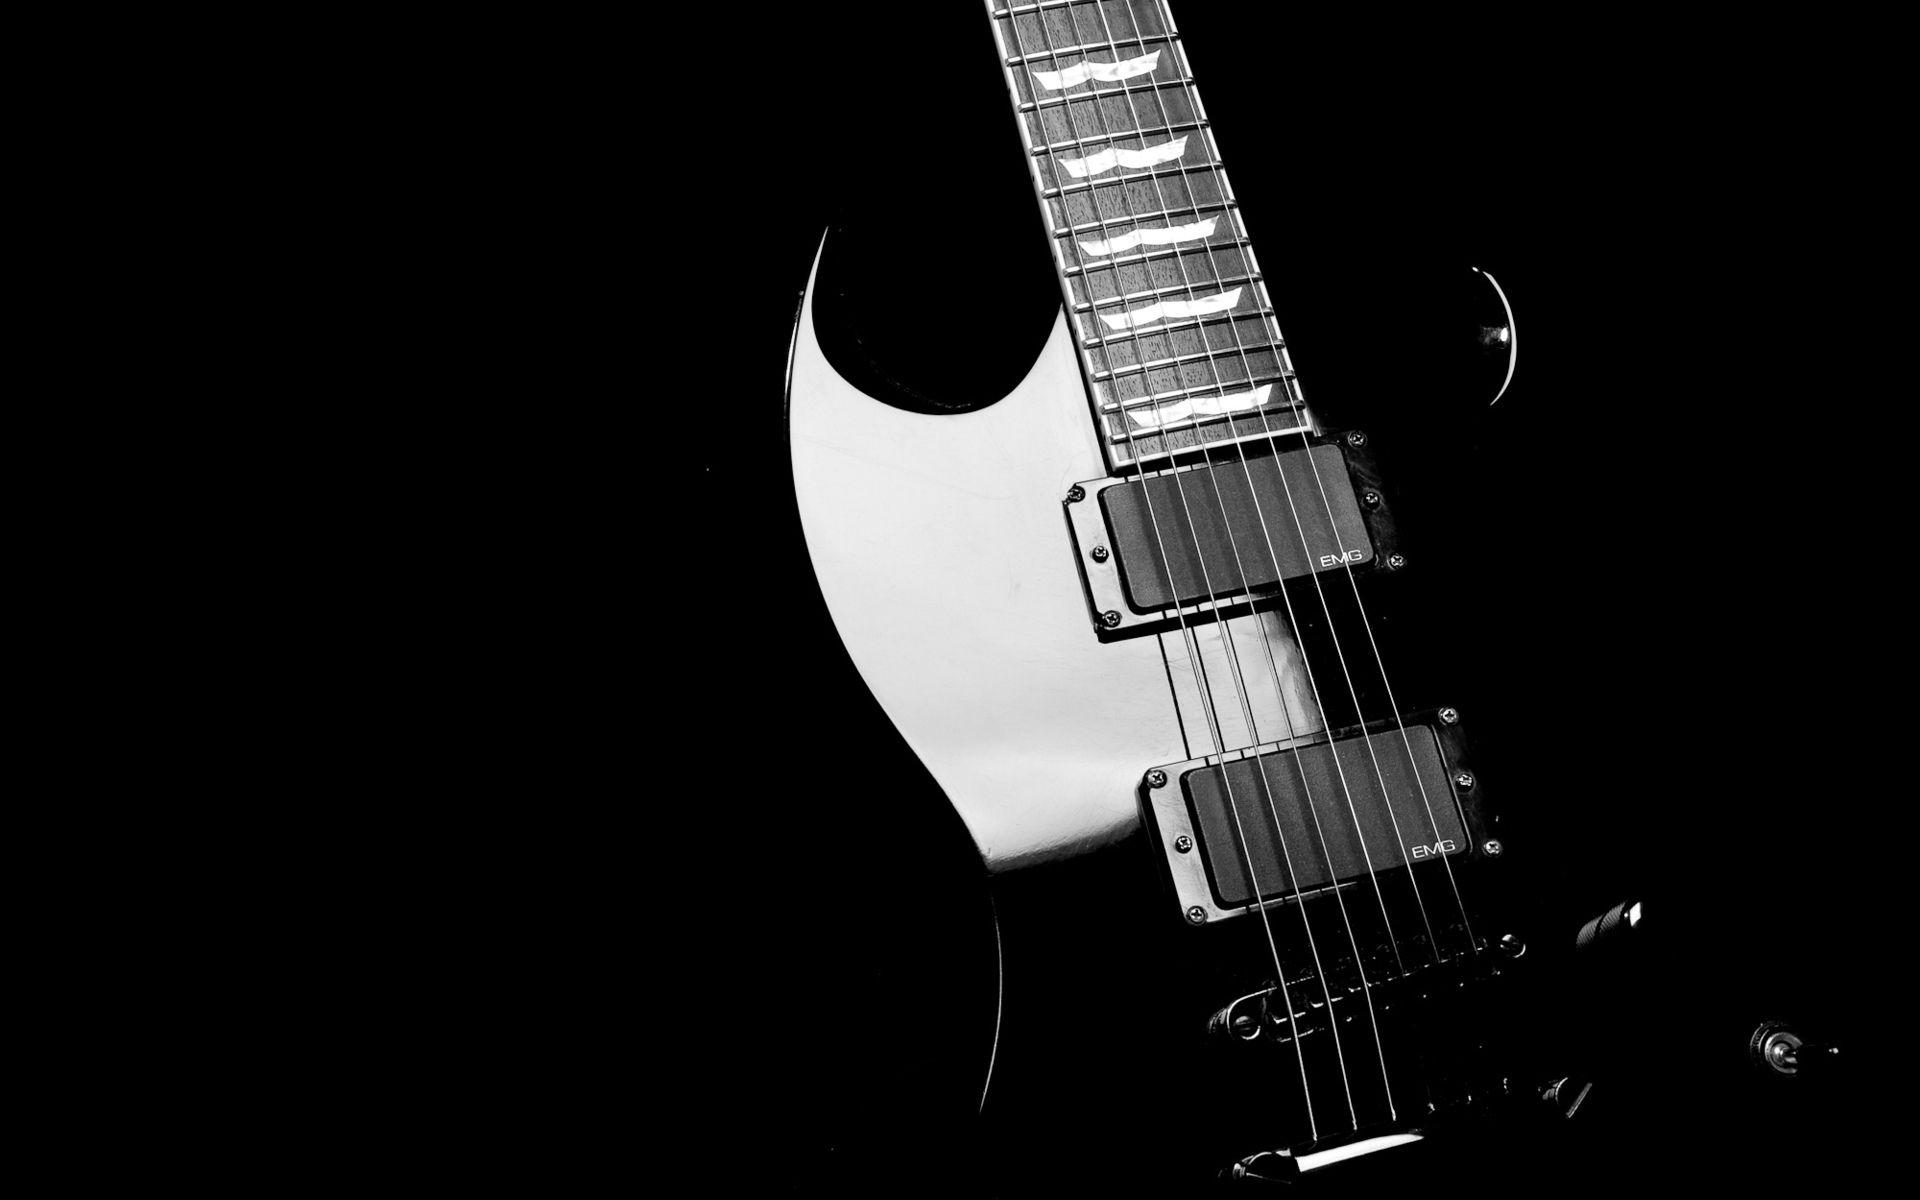 Fk 2649 Wallpaper Electric Guitar Plan Diagram Drawing Wallpapers Music Download Diagram